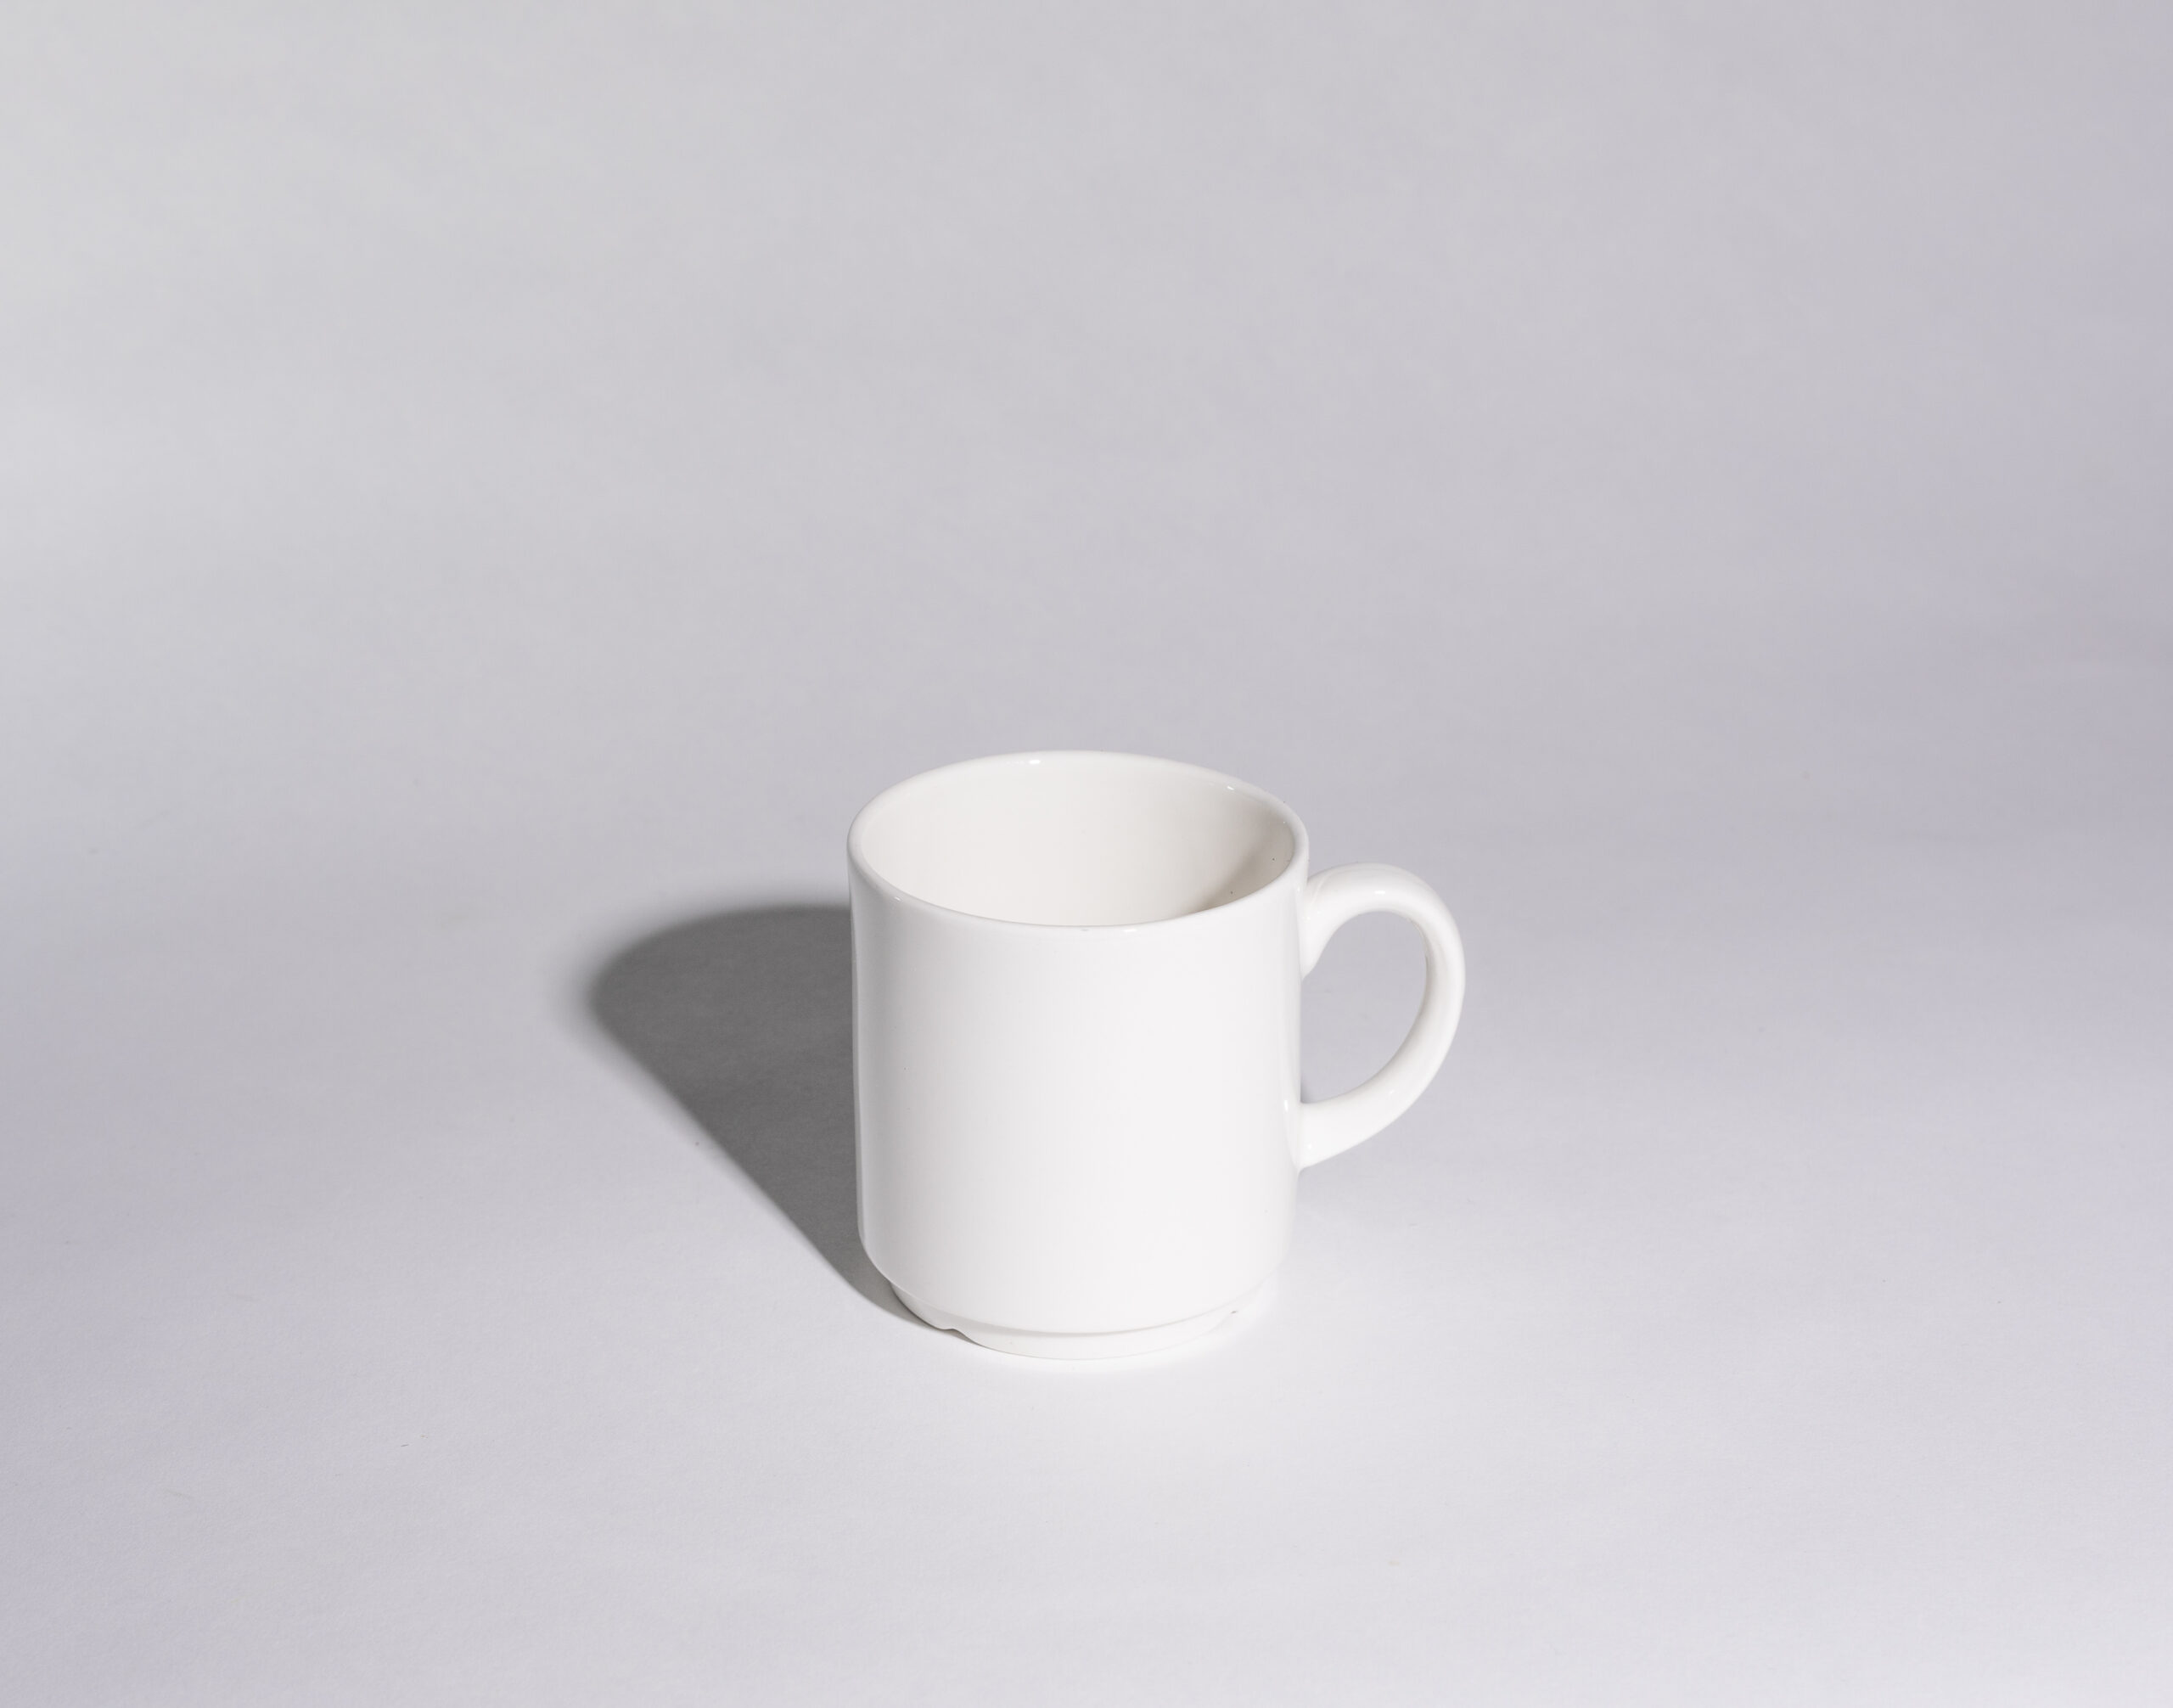 Coffee mugs (10oz)Stacking